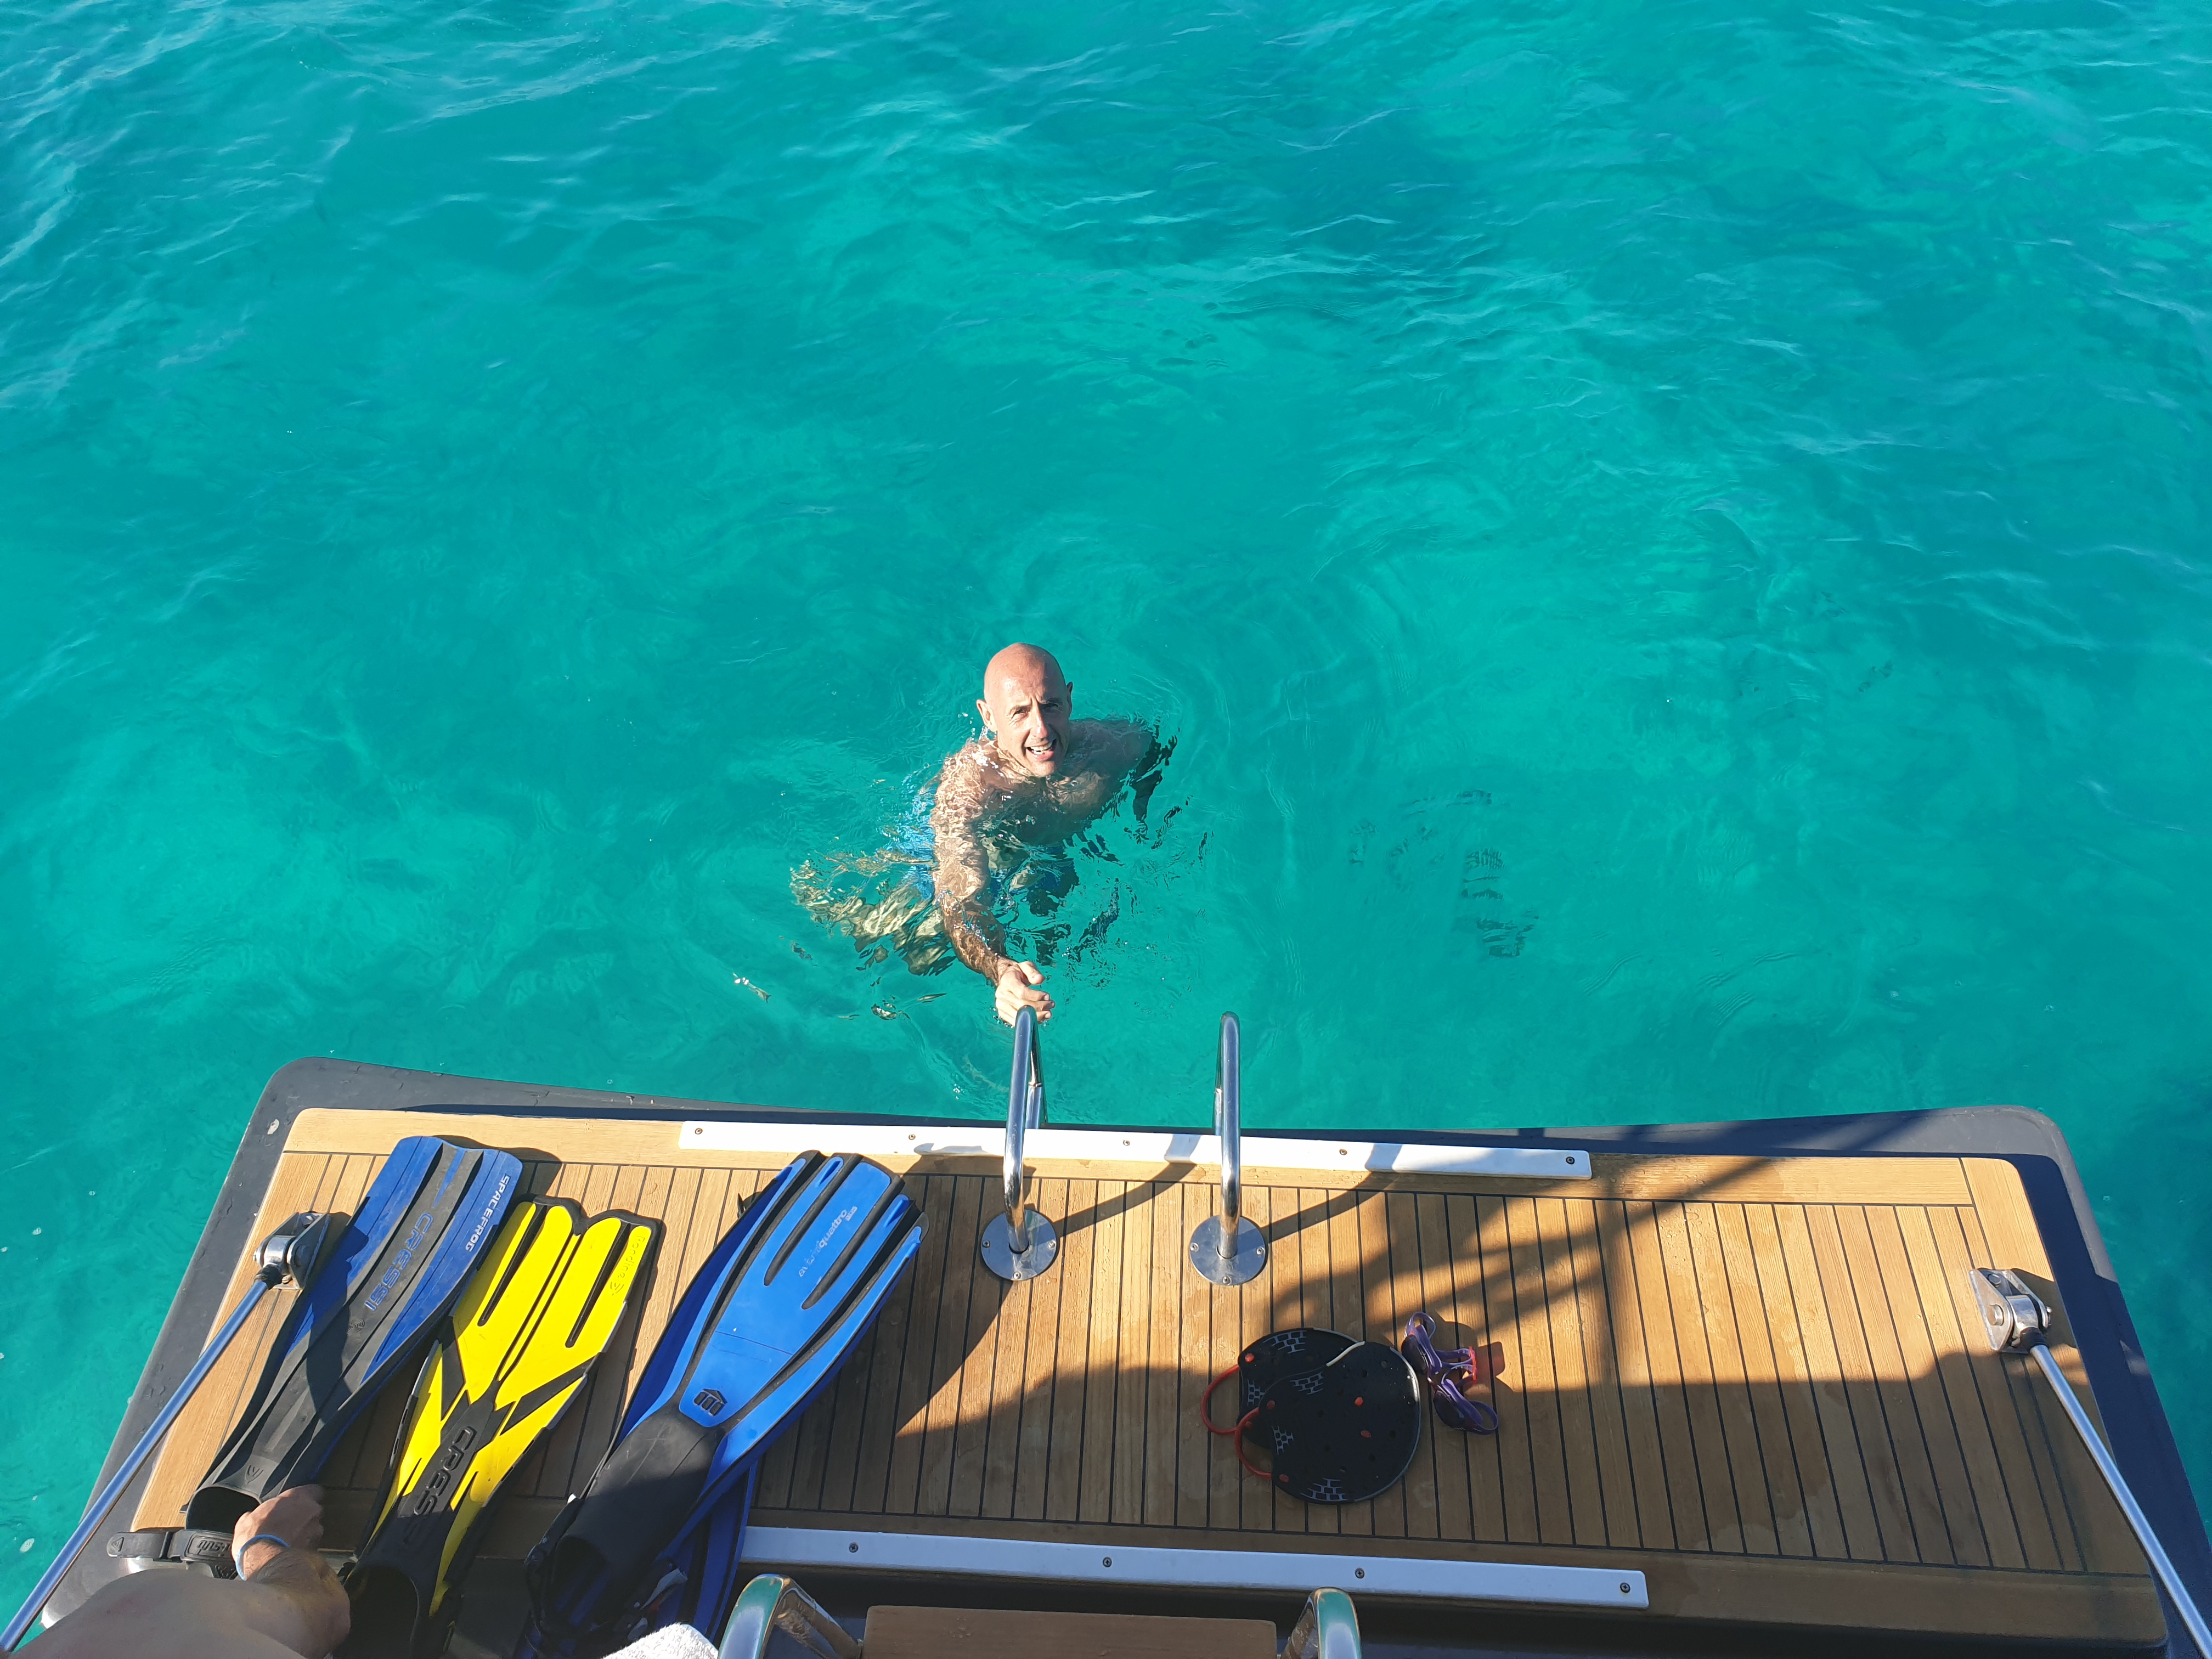 Taking a break in Mallorca